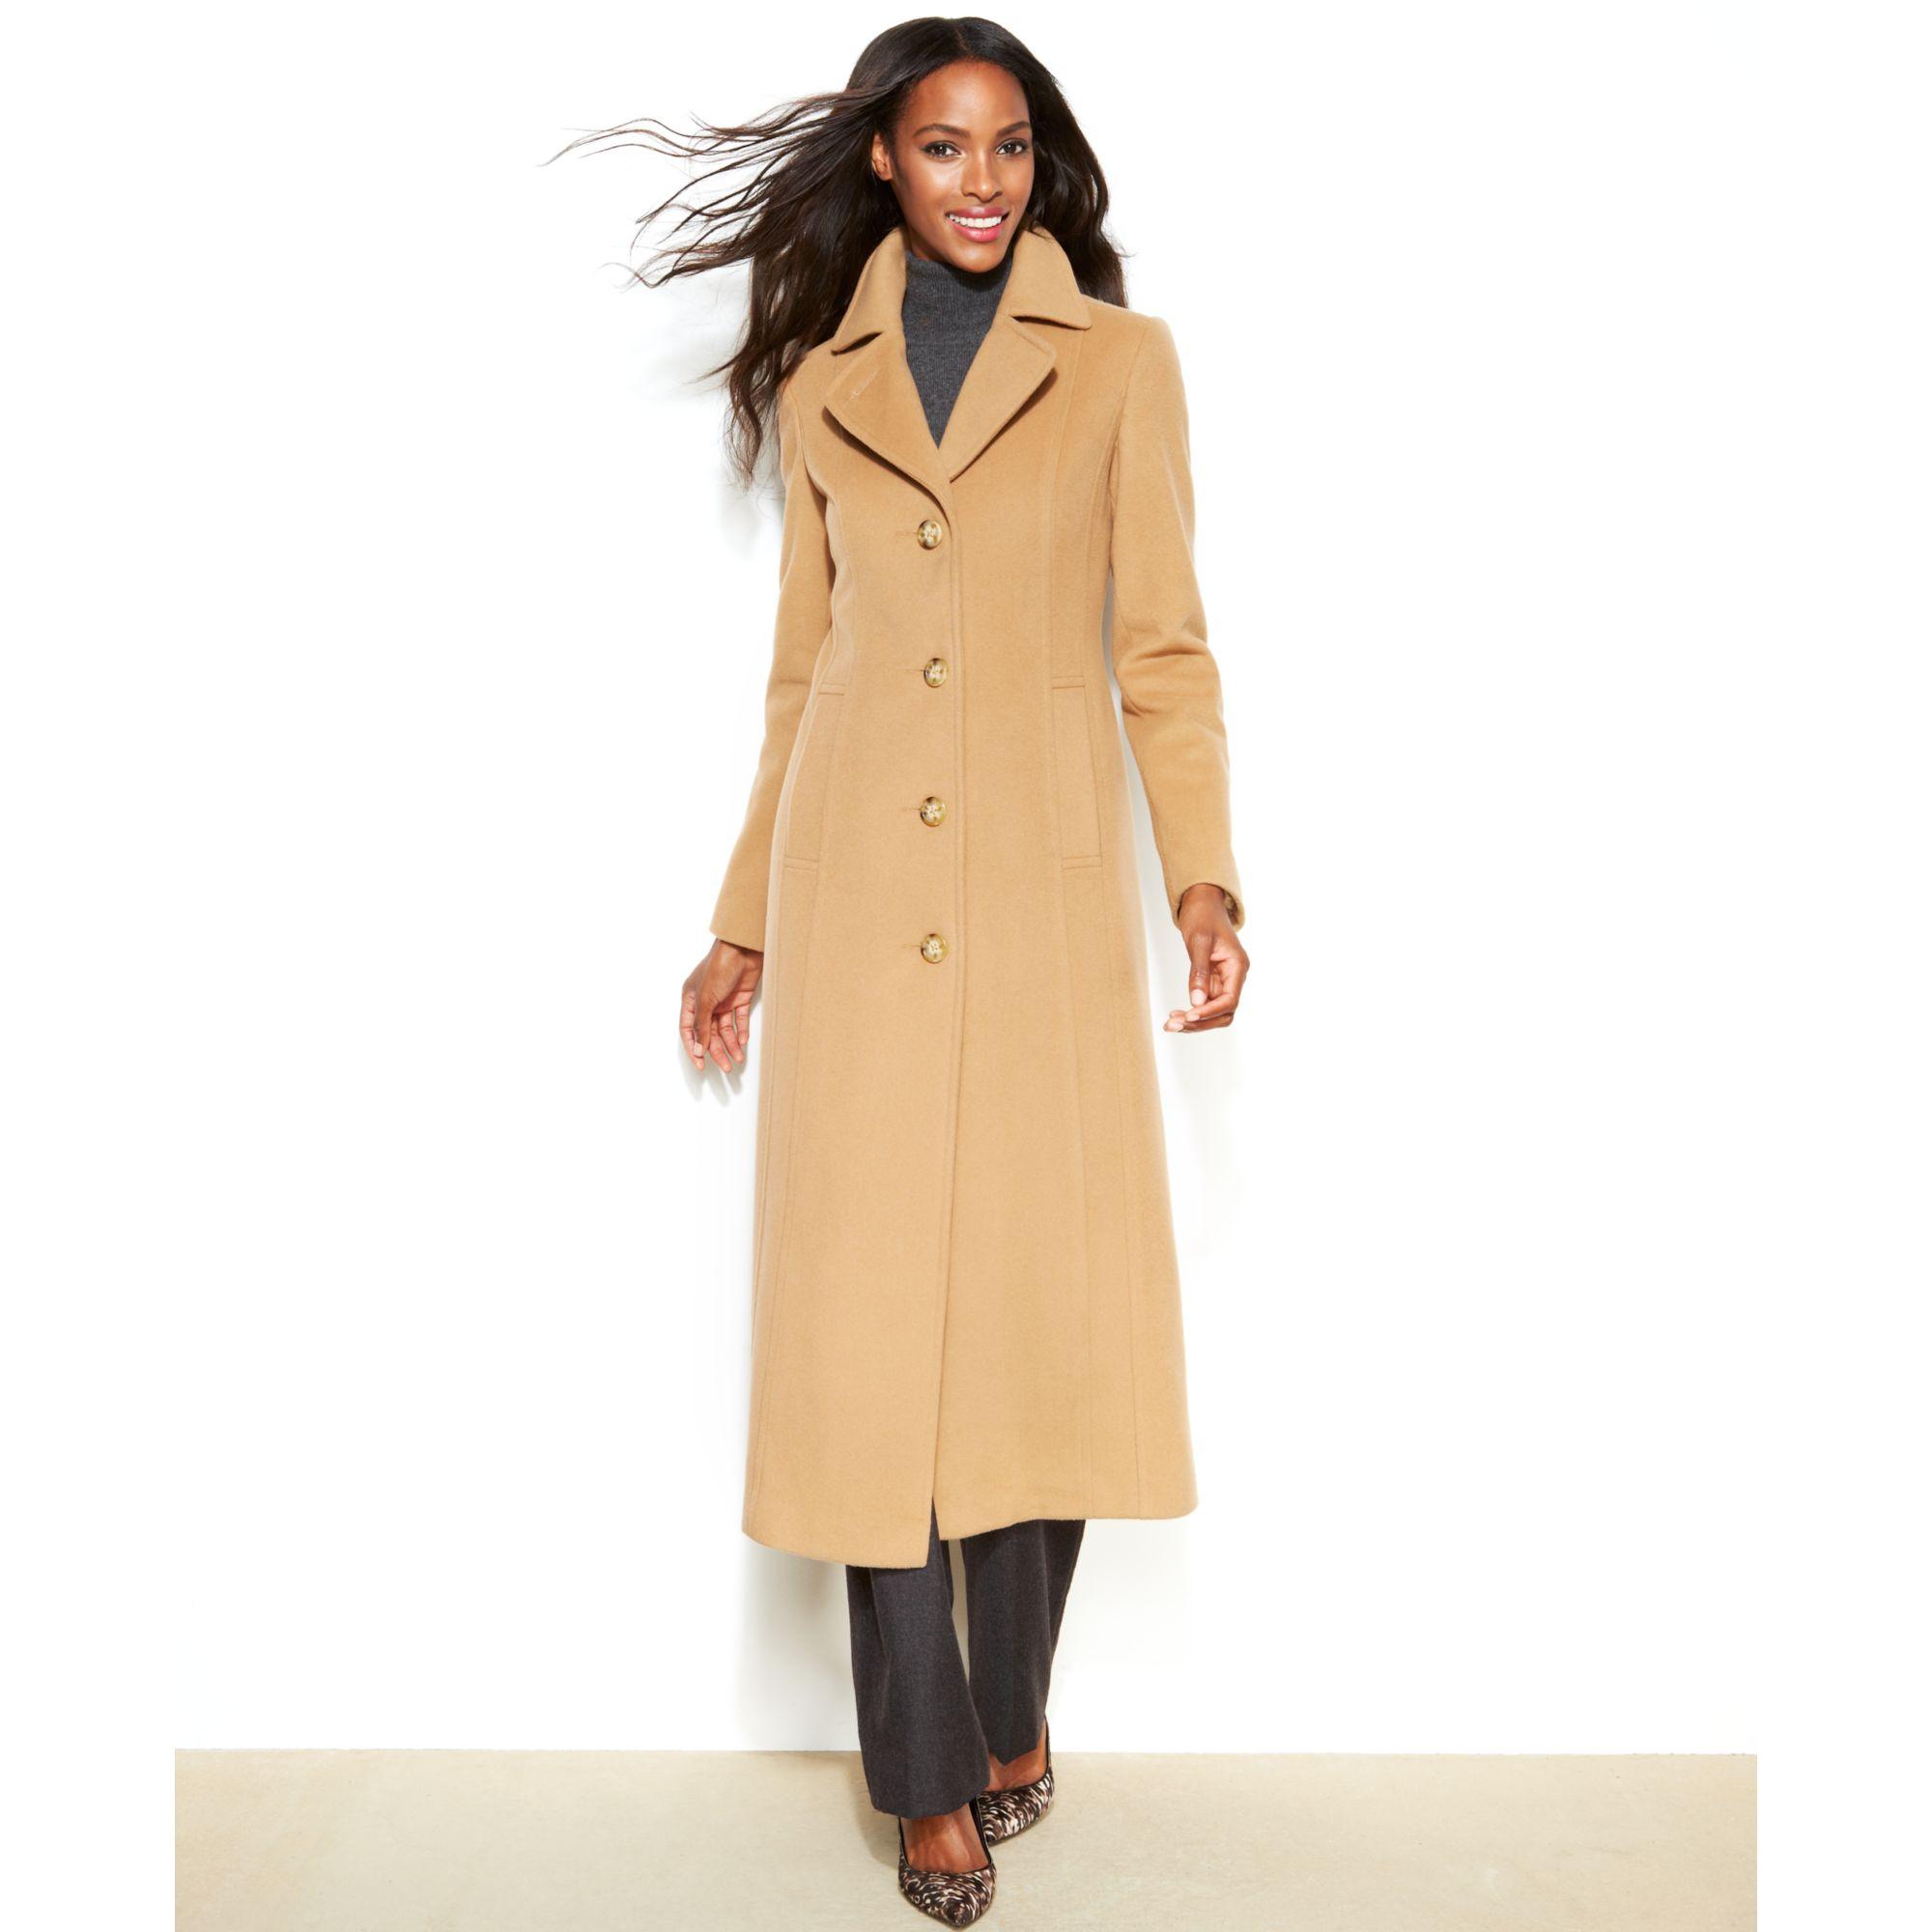 anne klein wool cashmere blend maxi walker coat in brown camel lyst. Black Bedroom Furniture Sets. Home Design Ideas